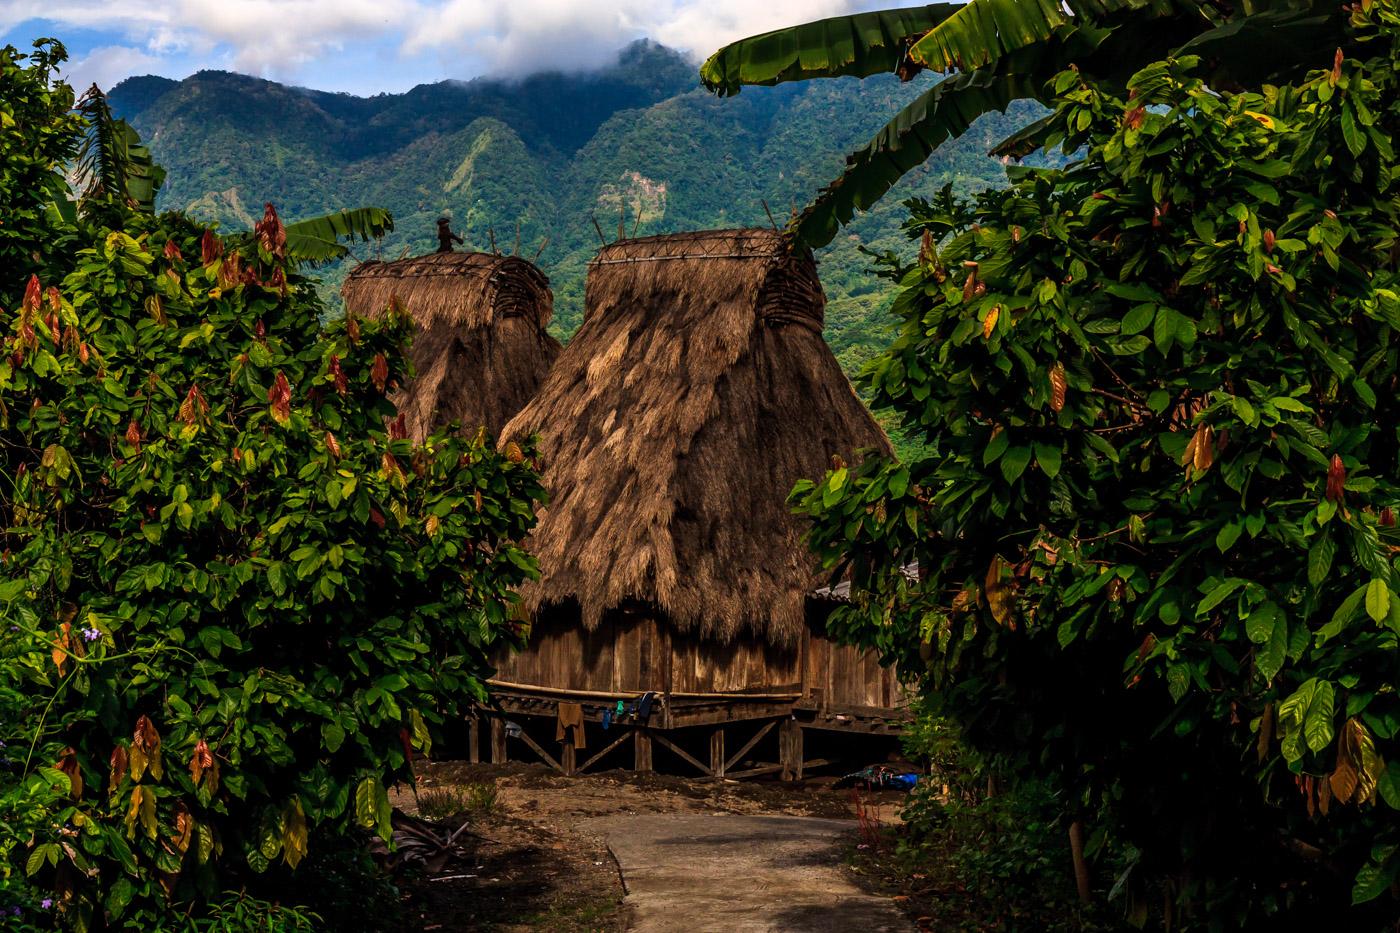 Gurusina village comes into view.